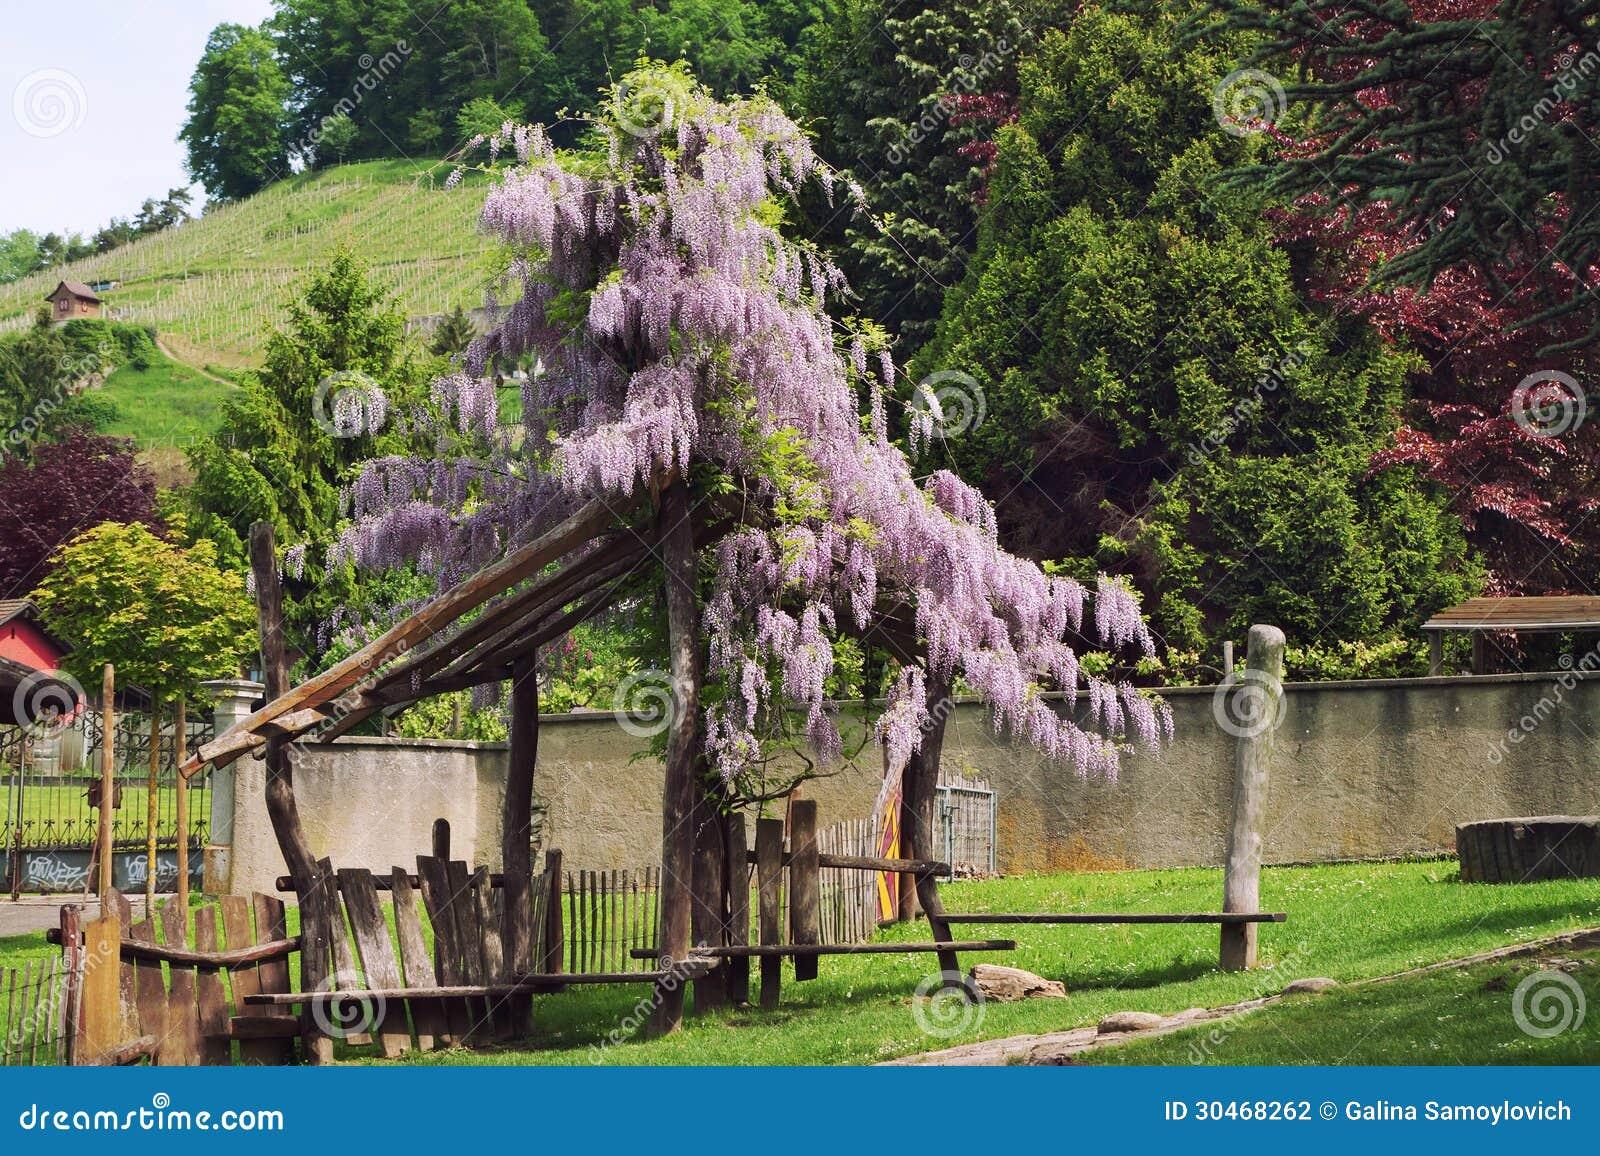 Pergola Stock Photography  Image 30468262